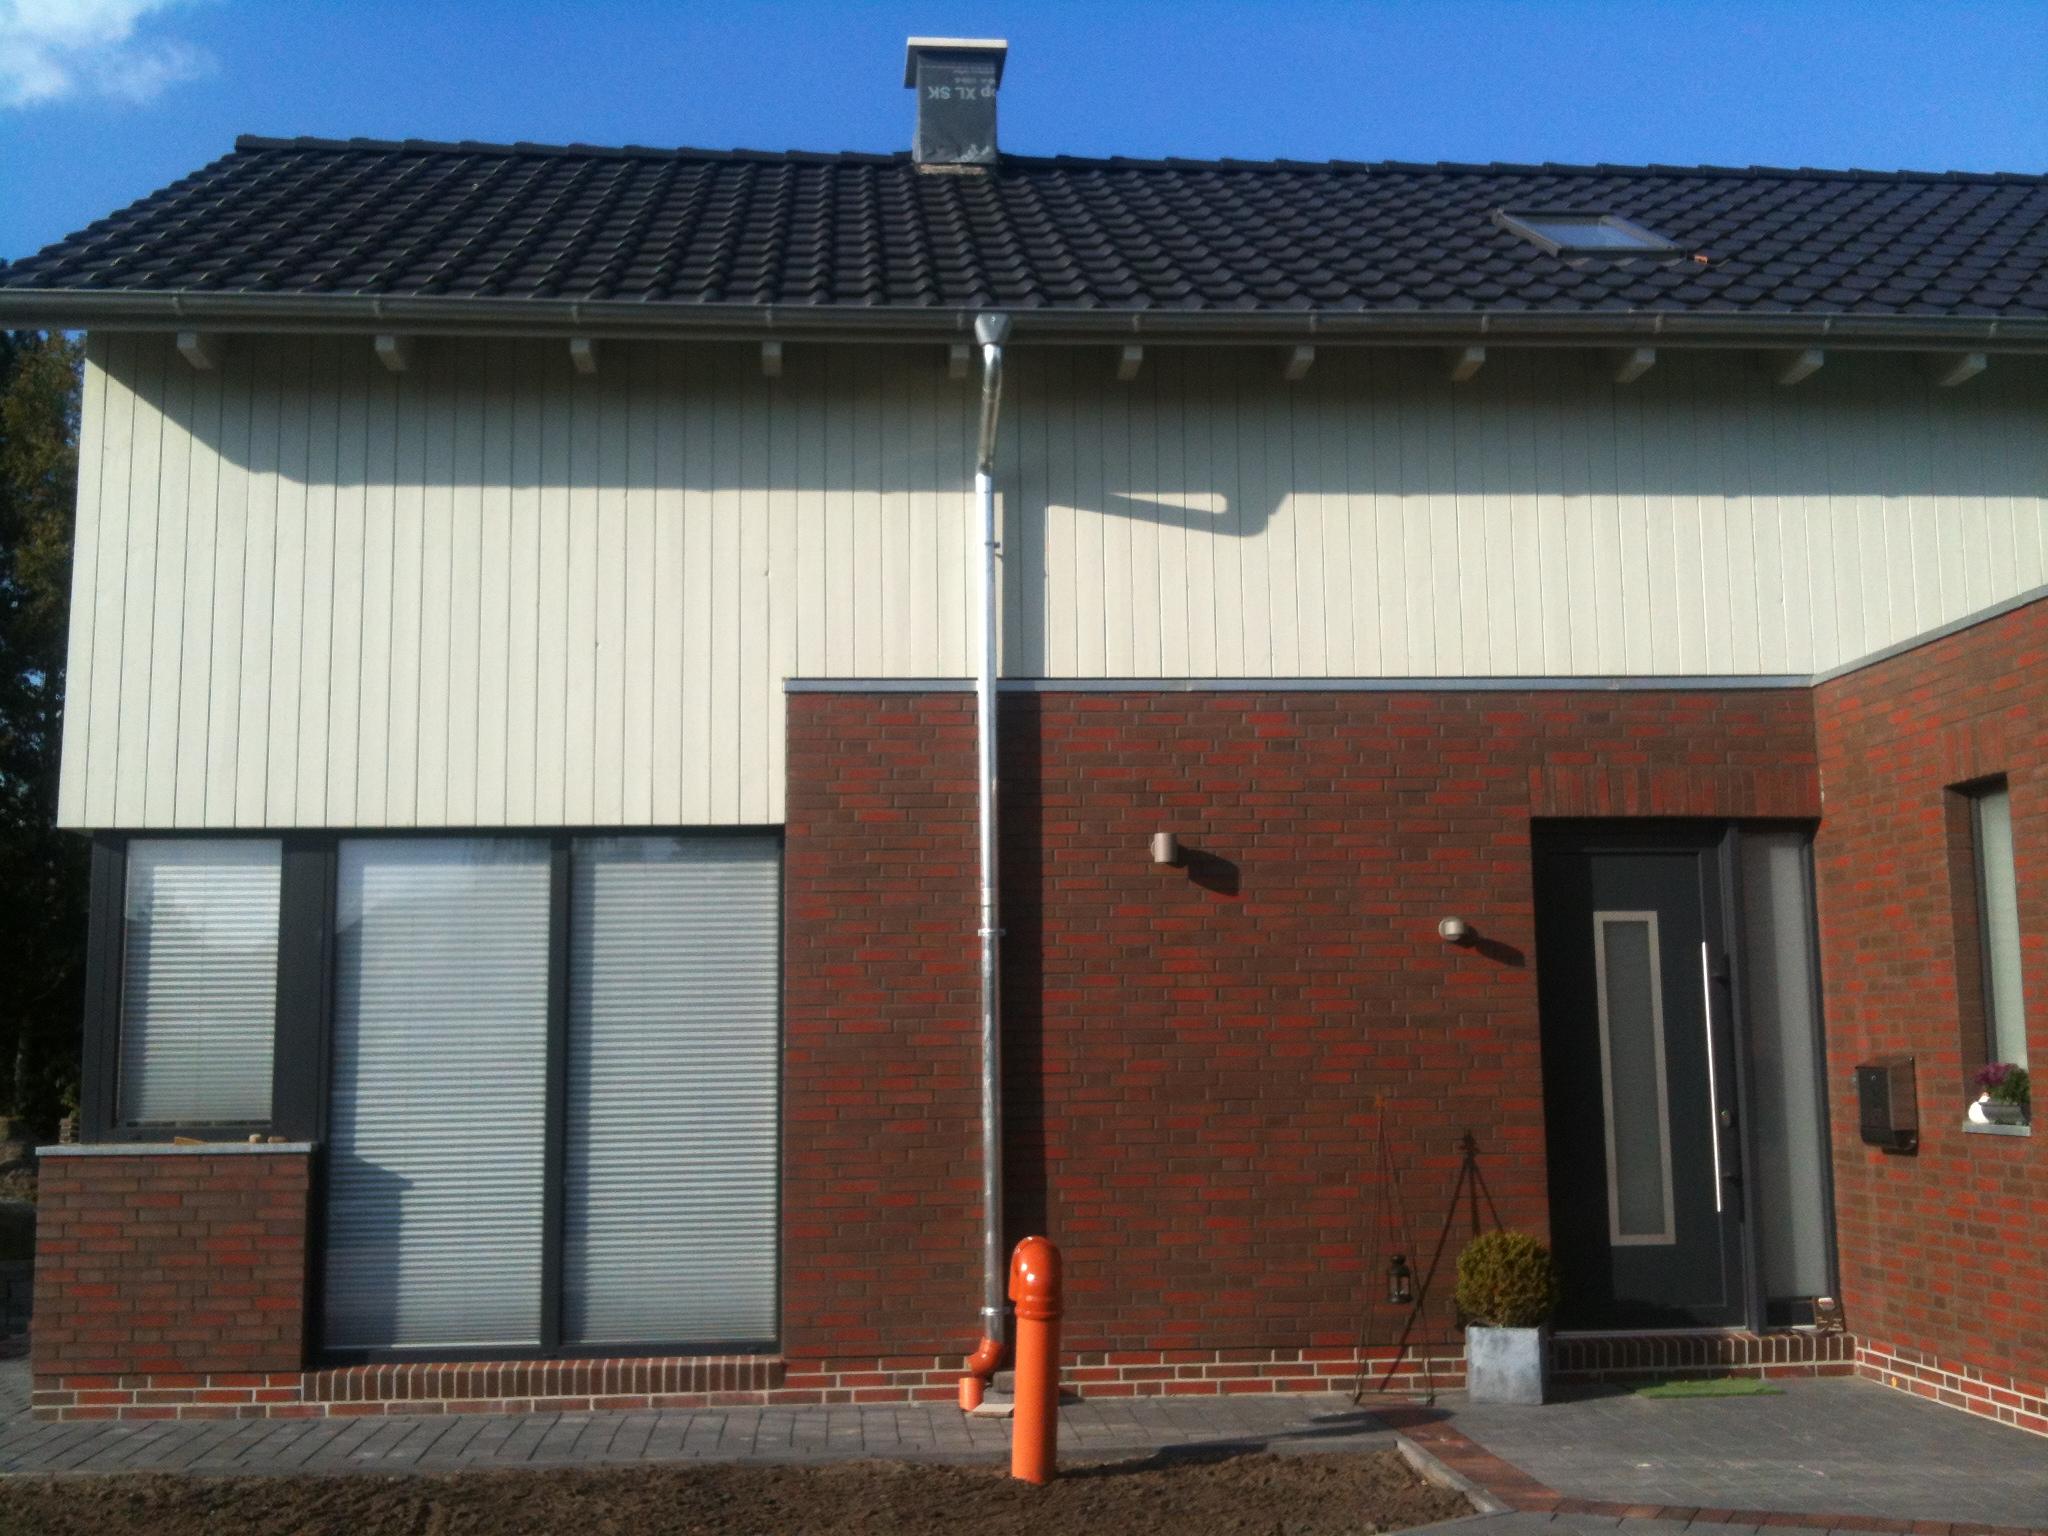 Fallrohr fassade  Die Fassade ist dran | Felix' & Jannas Bautagebuch und Blog